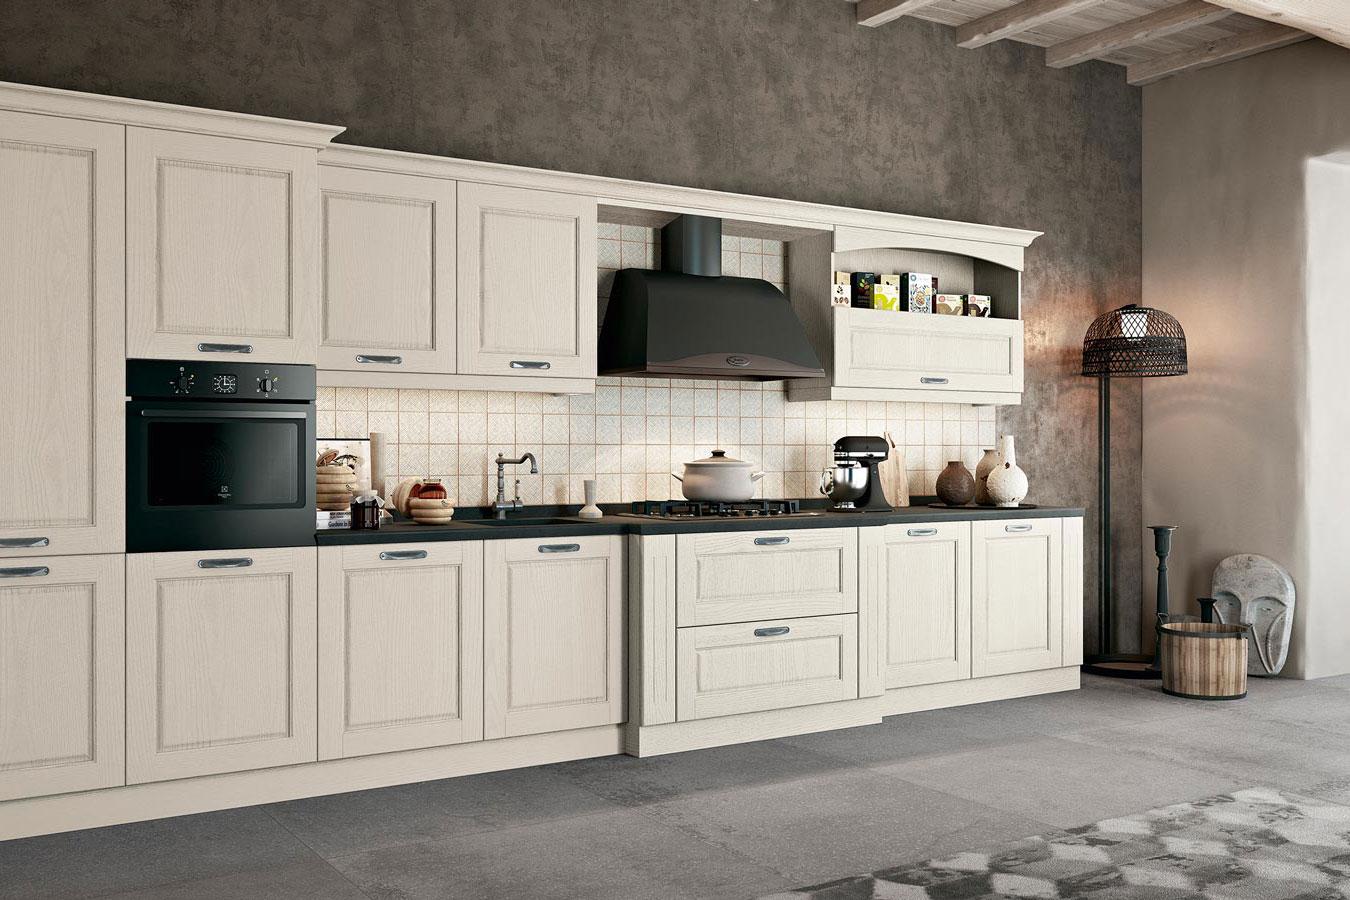 Cucina classica asolo di arredo3 righetti mobili novara - Arredo cucina classica ...